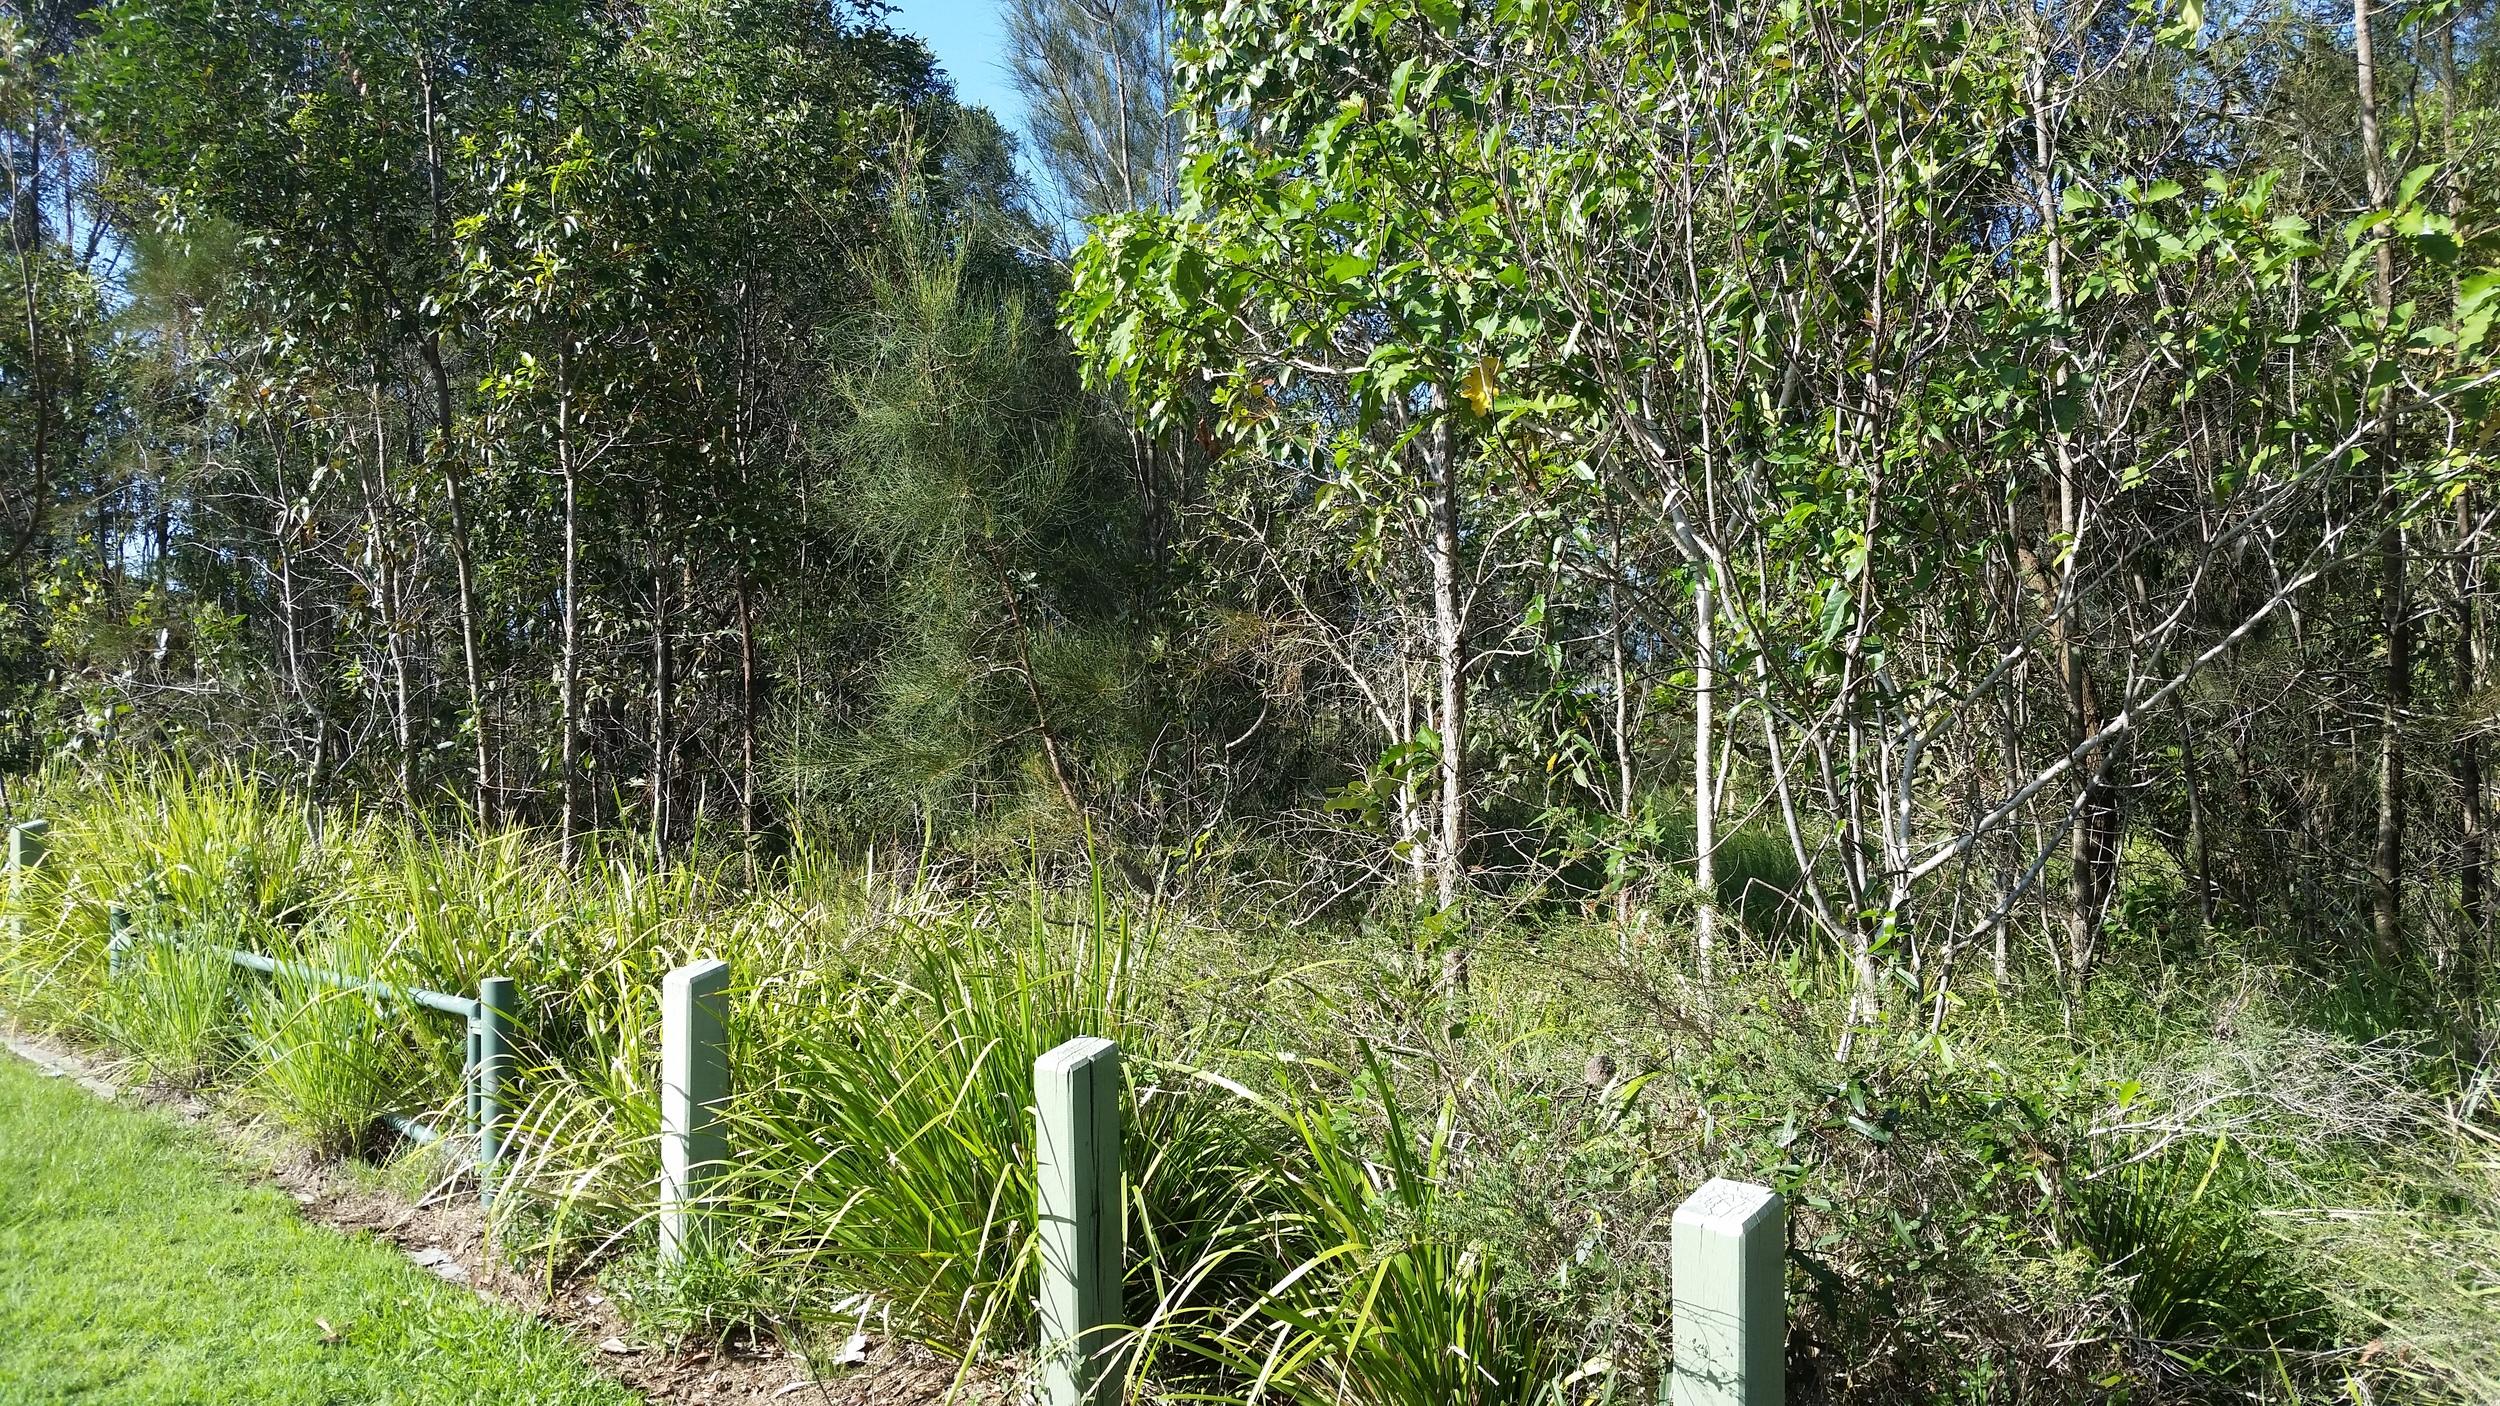 Alvine Drive Bioretention System